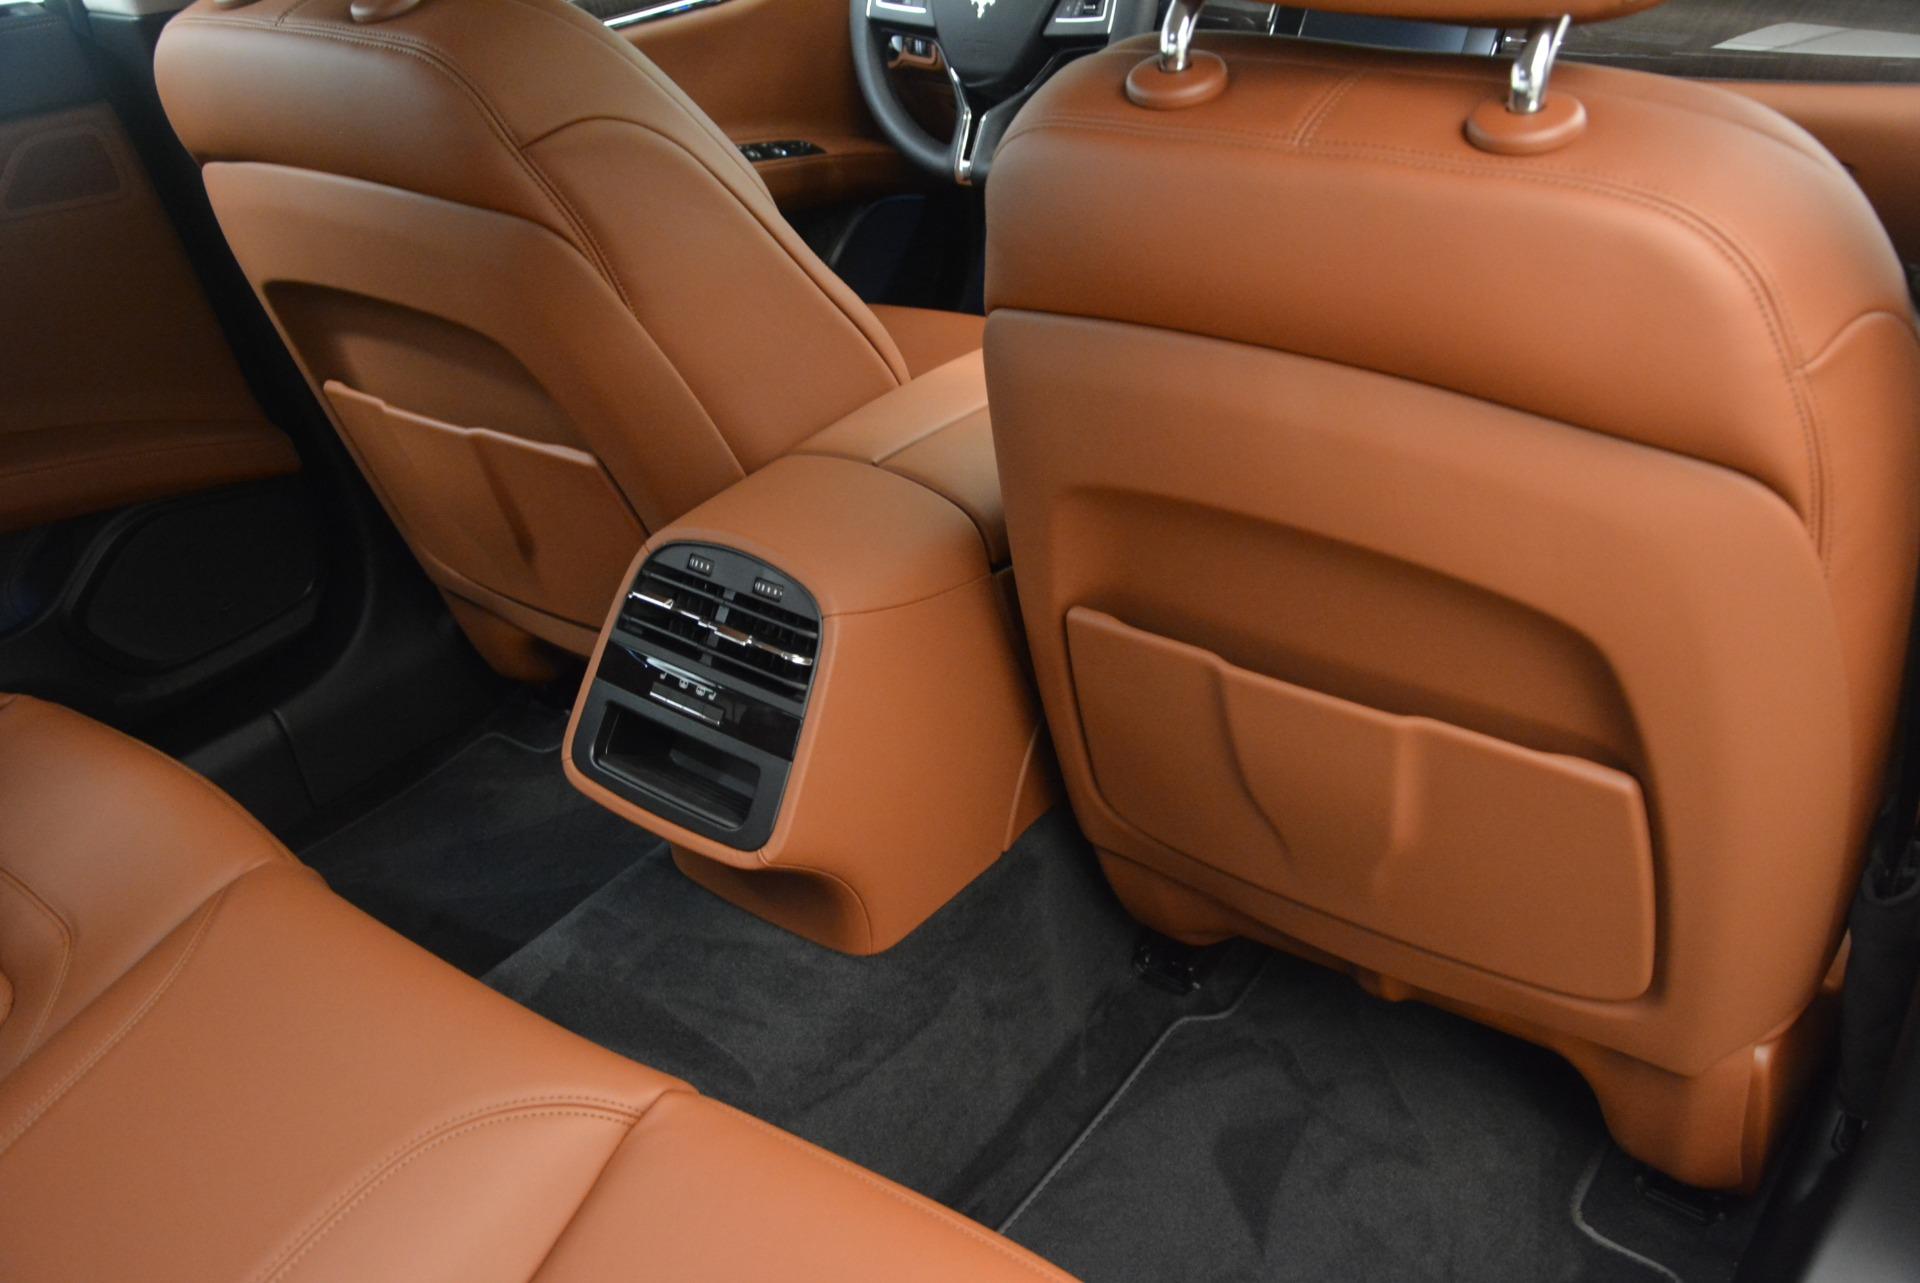 Used 2018 Maserati Quattroporte S Q4 GranLusso For Sale In Greenwich, CT 1572_p21